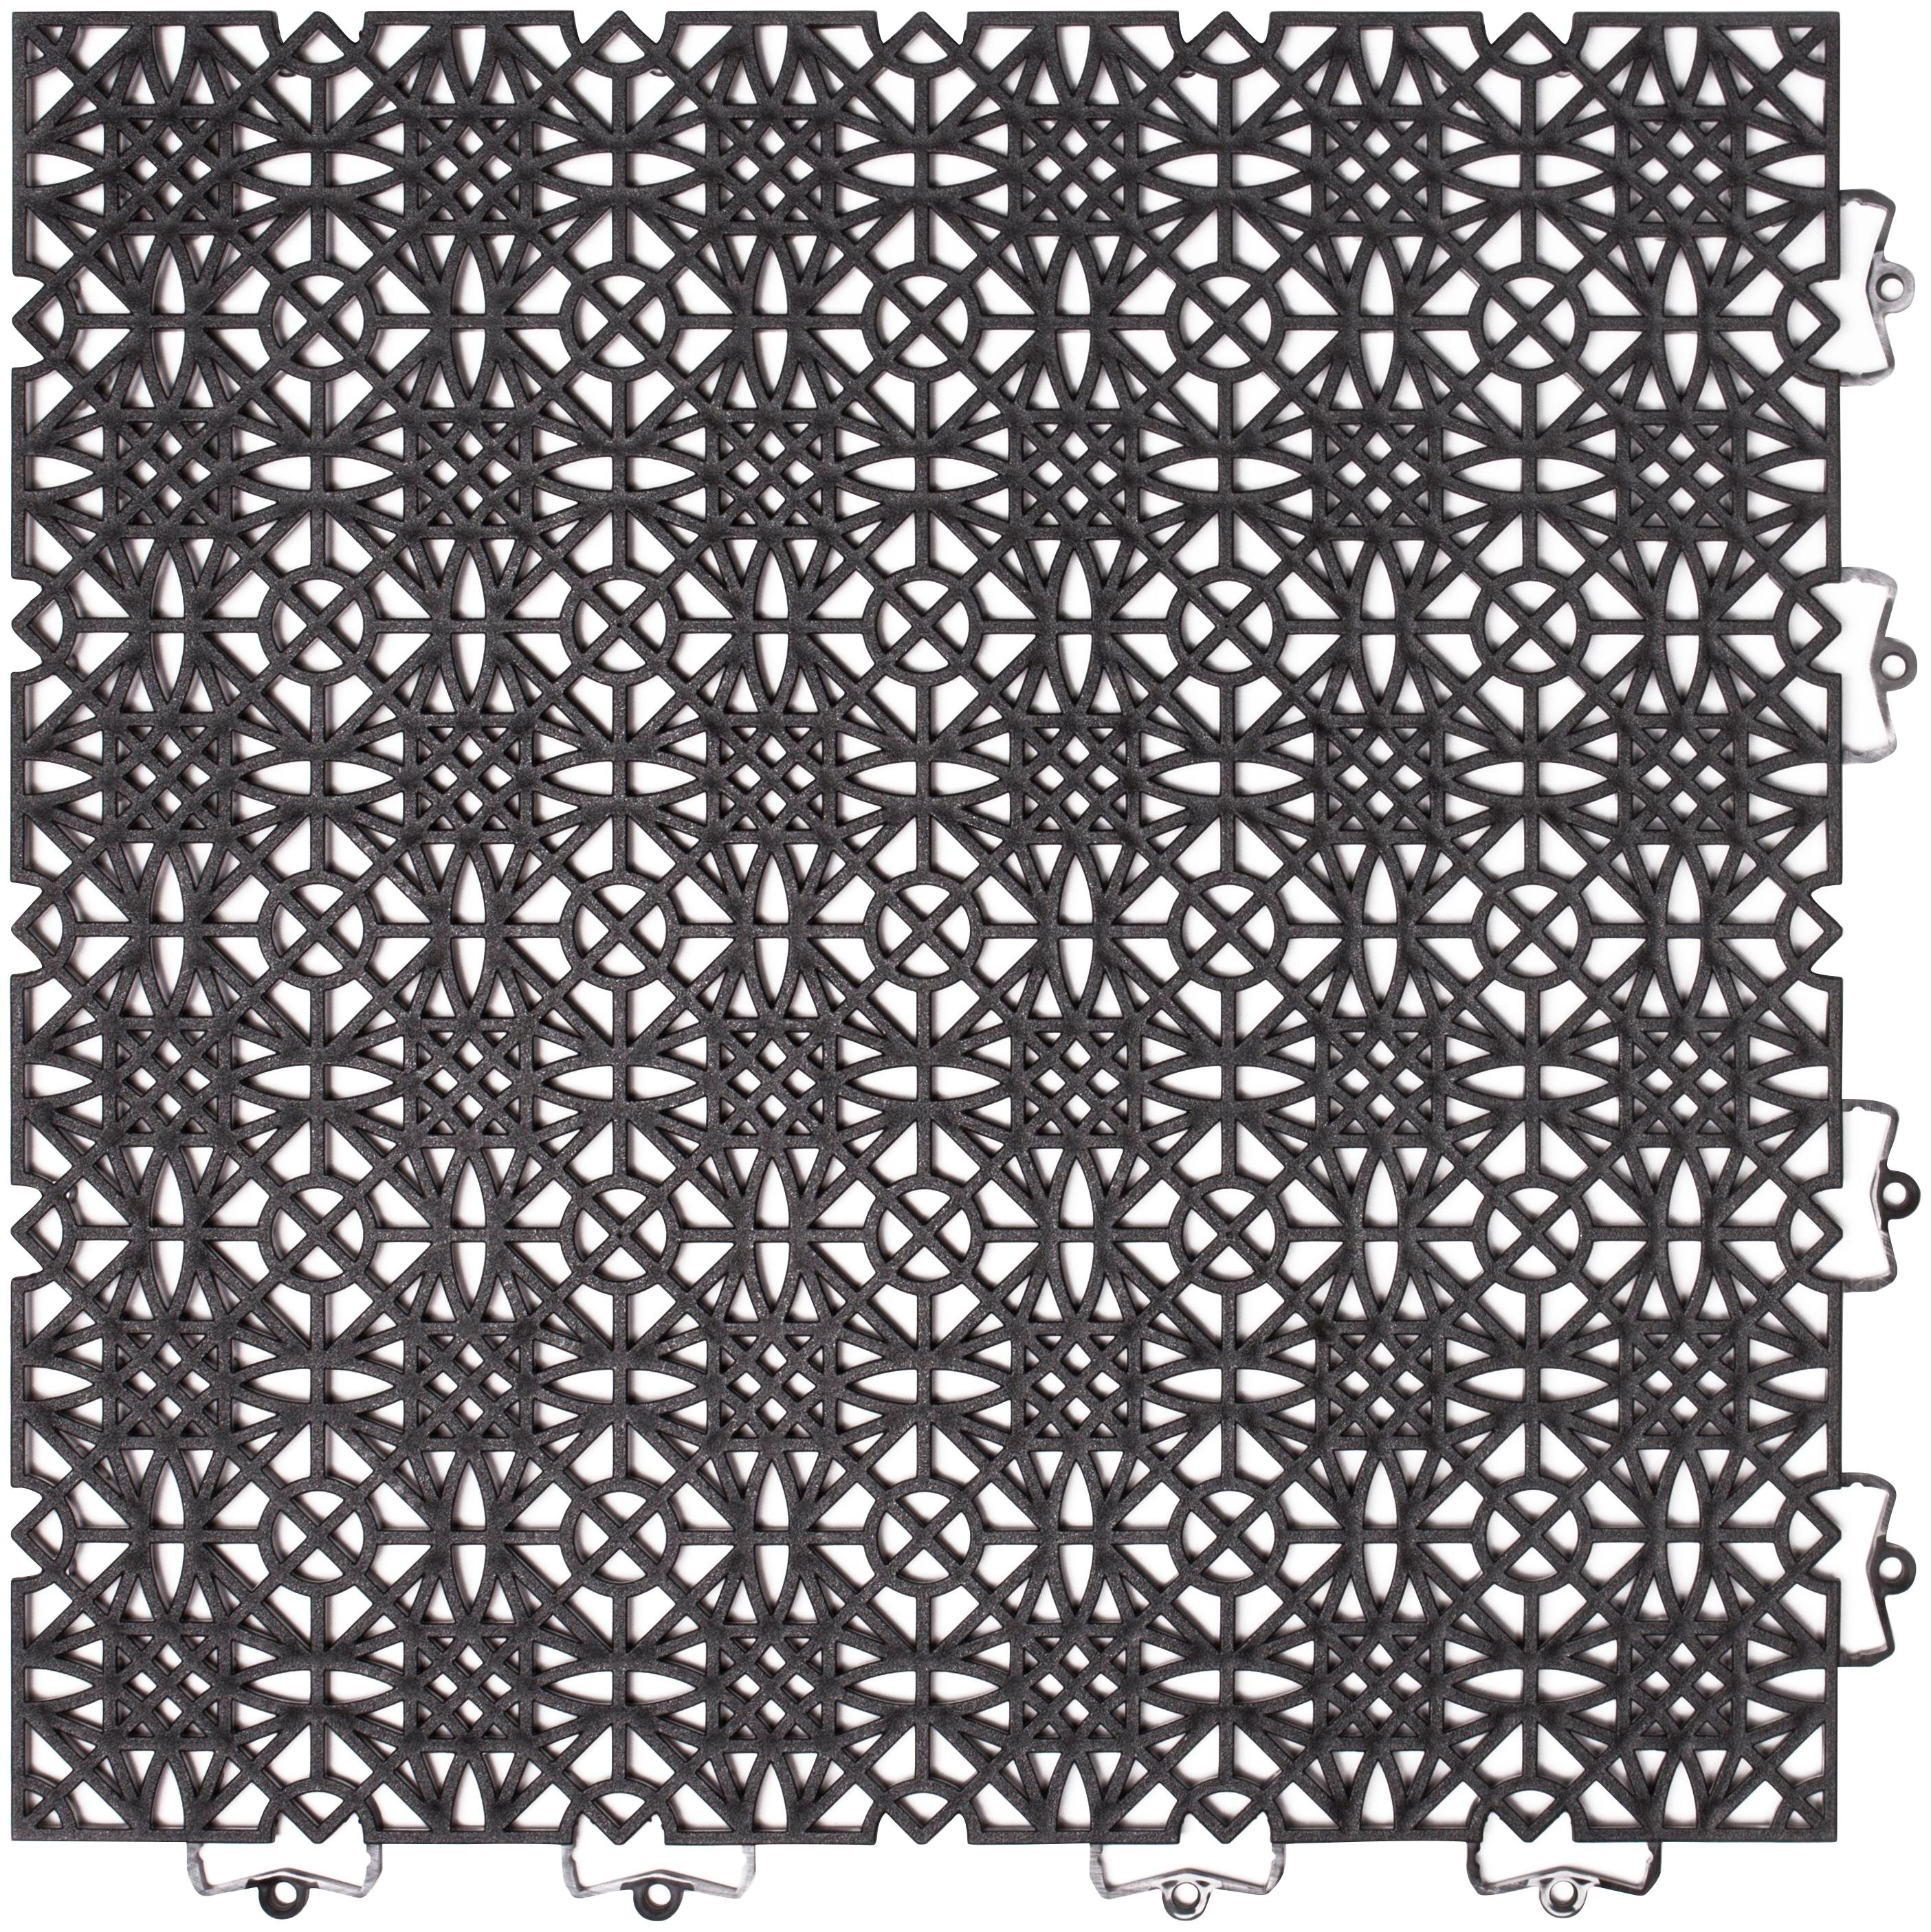 Image of ANDIAMO Klick-Fliesen »Terra Sol«, 7 Stk., BxL: je 38x38 cm